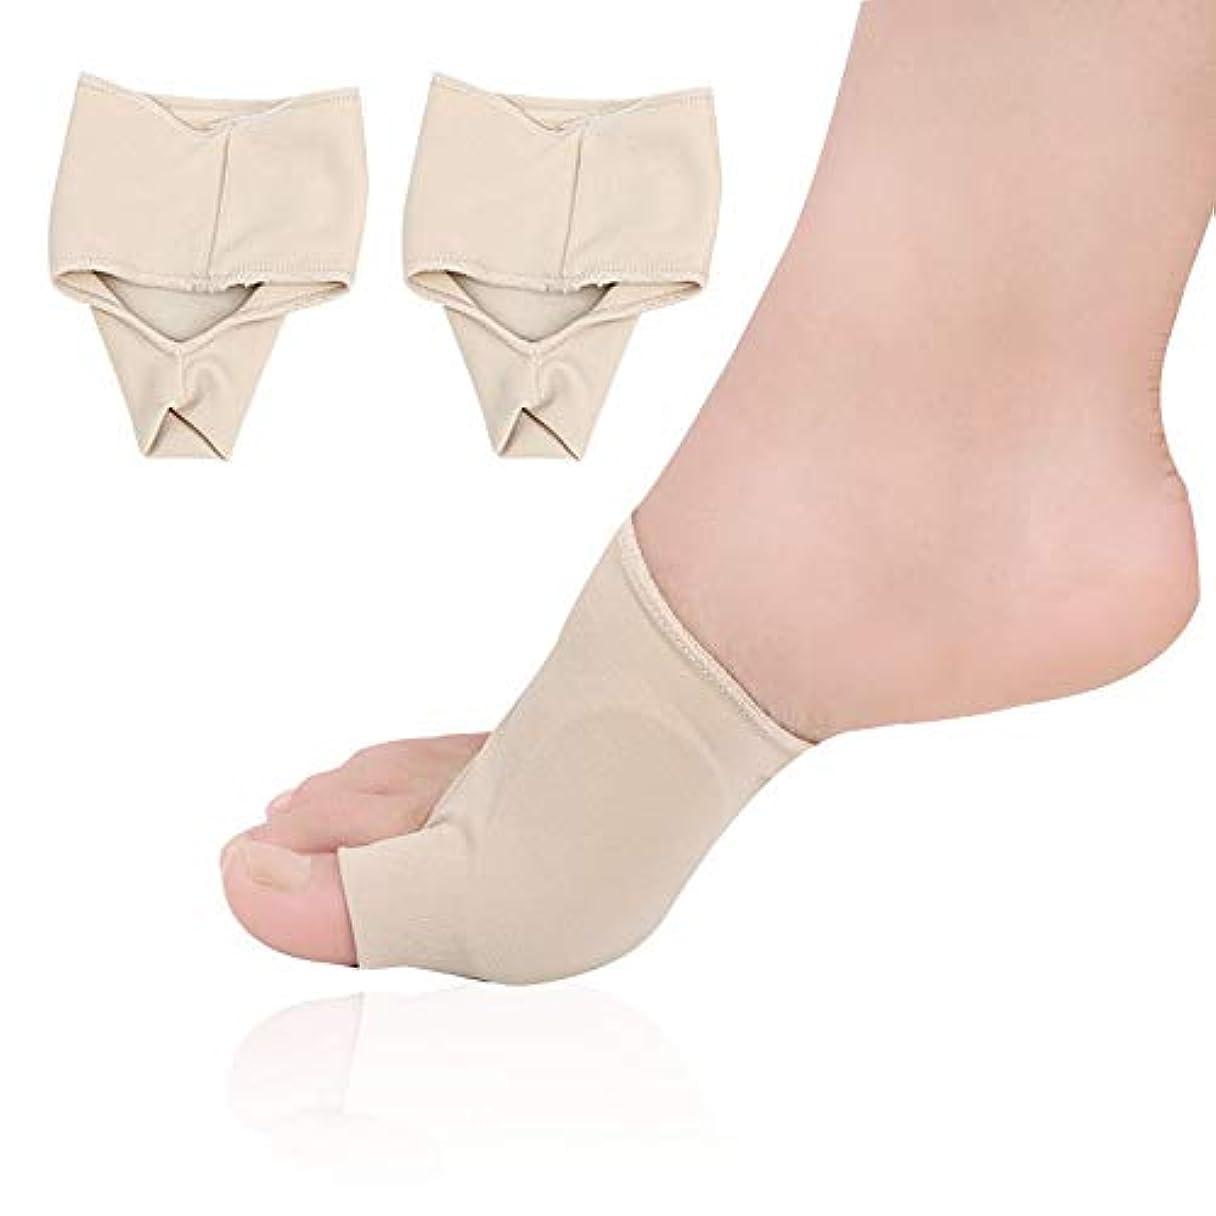 サービス転用コスチュームつま先矯正靴下ケアつま先防止重複伸縮性の高いダンピング吸収汗通気性ライクラSEBS布,5pairs,L